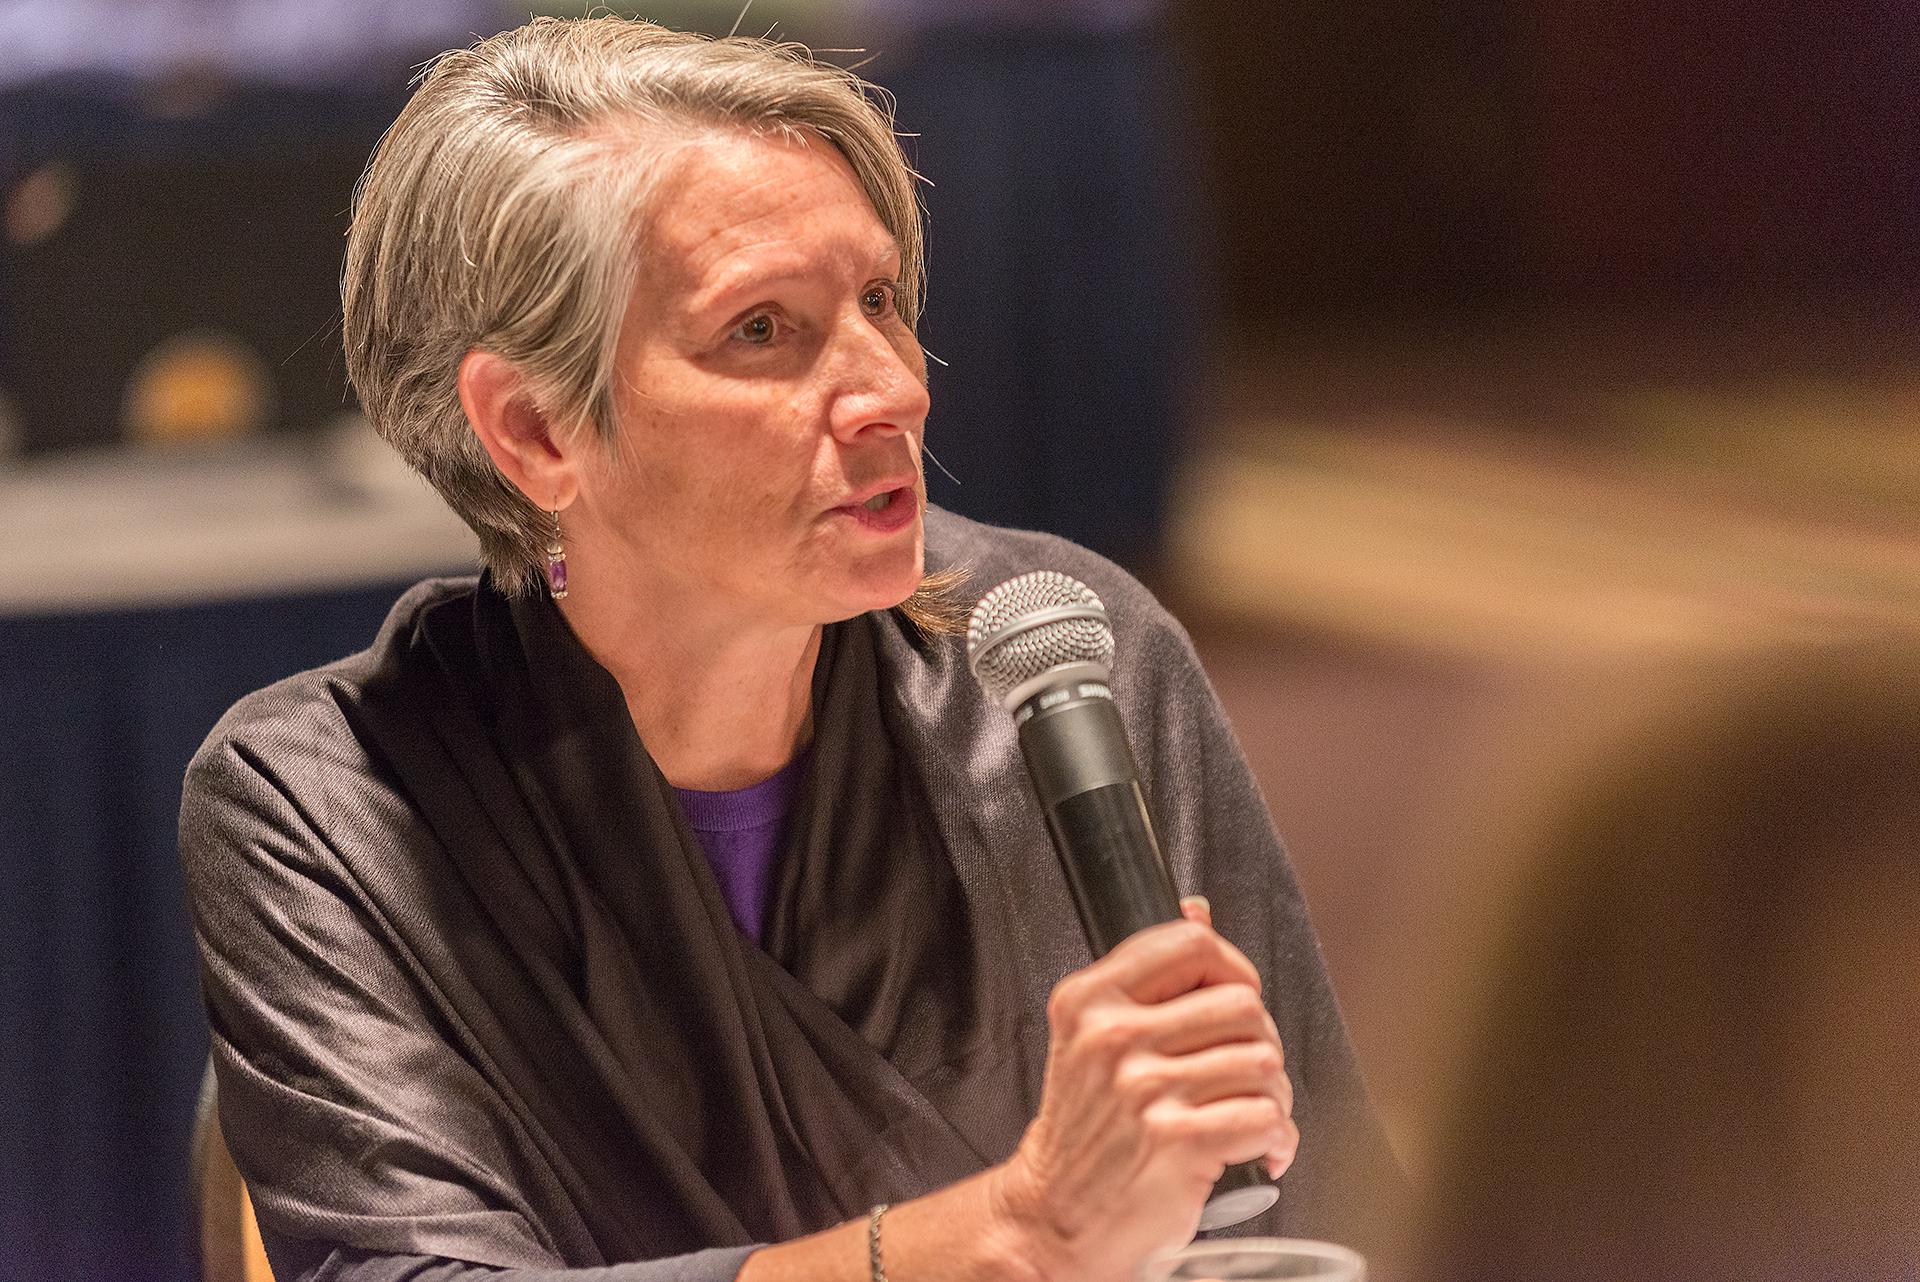 TFGCI Annual Grantee Meetings - Ann Arbor - Speaker